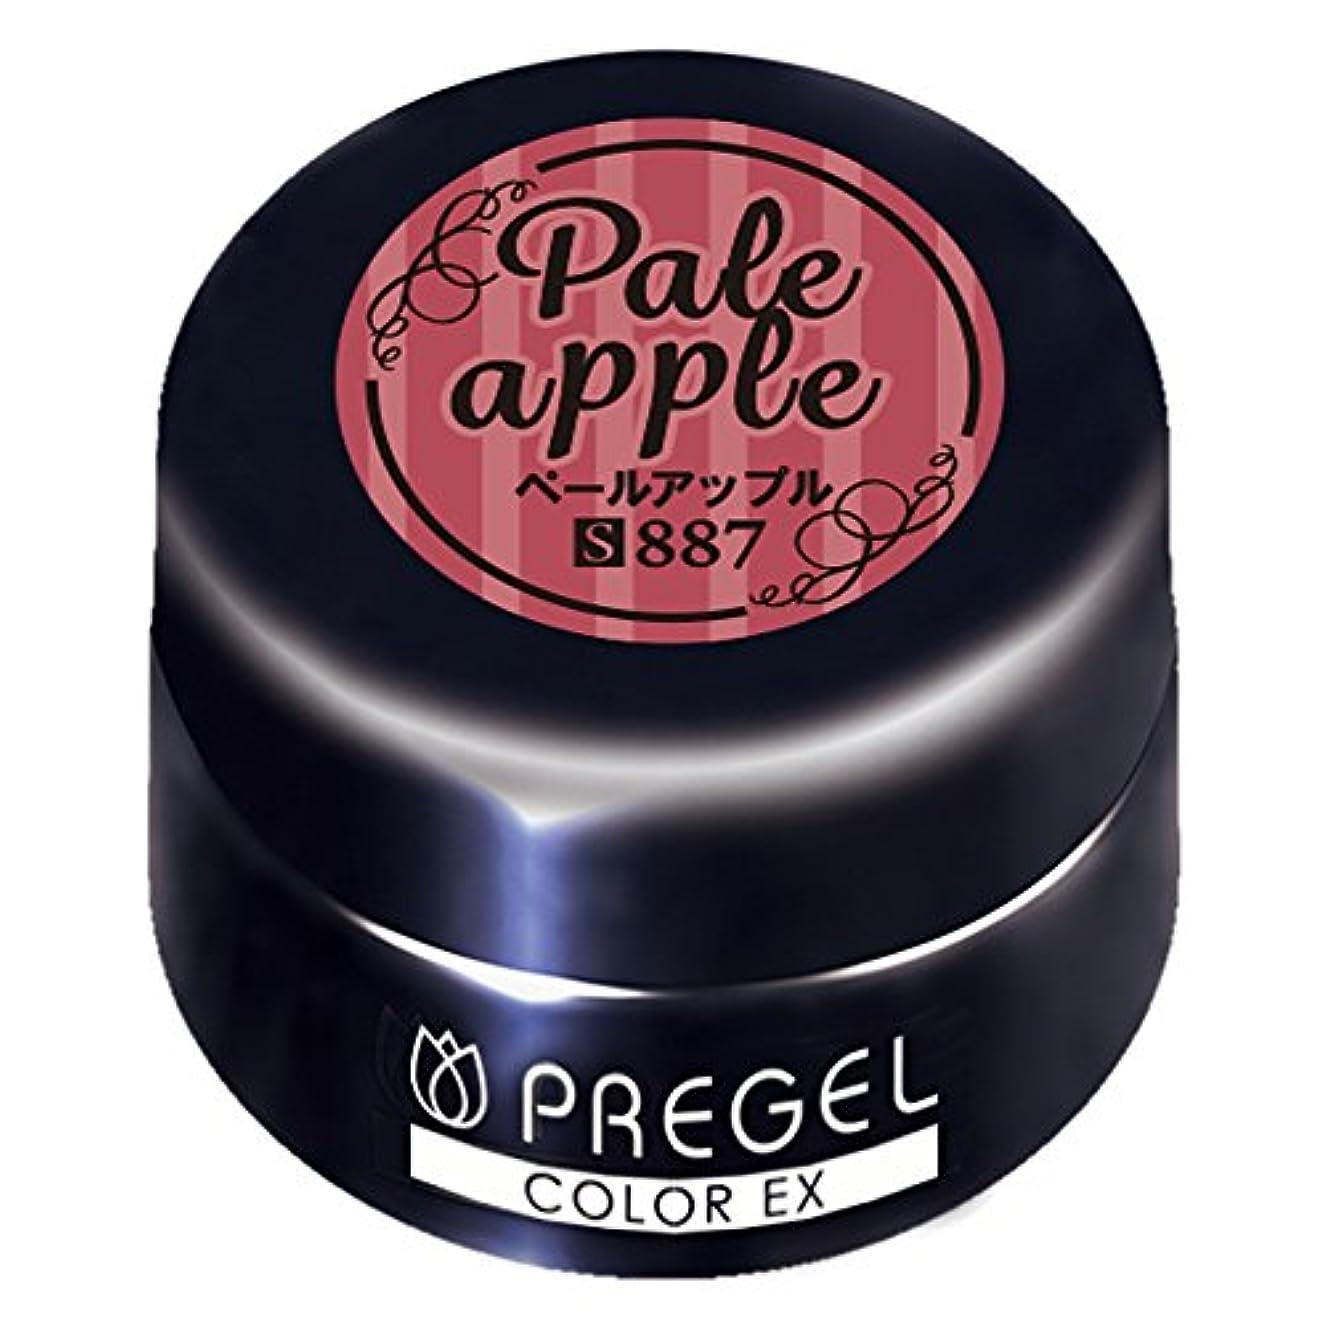 PRE GEL カラージェル カラーEX ペールアップル 3g PG-CE887 UV/LED対応タイオウ